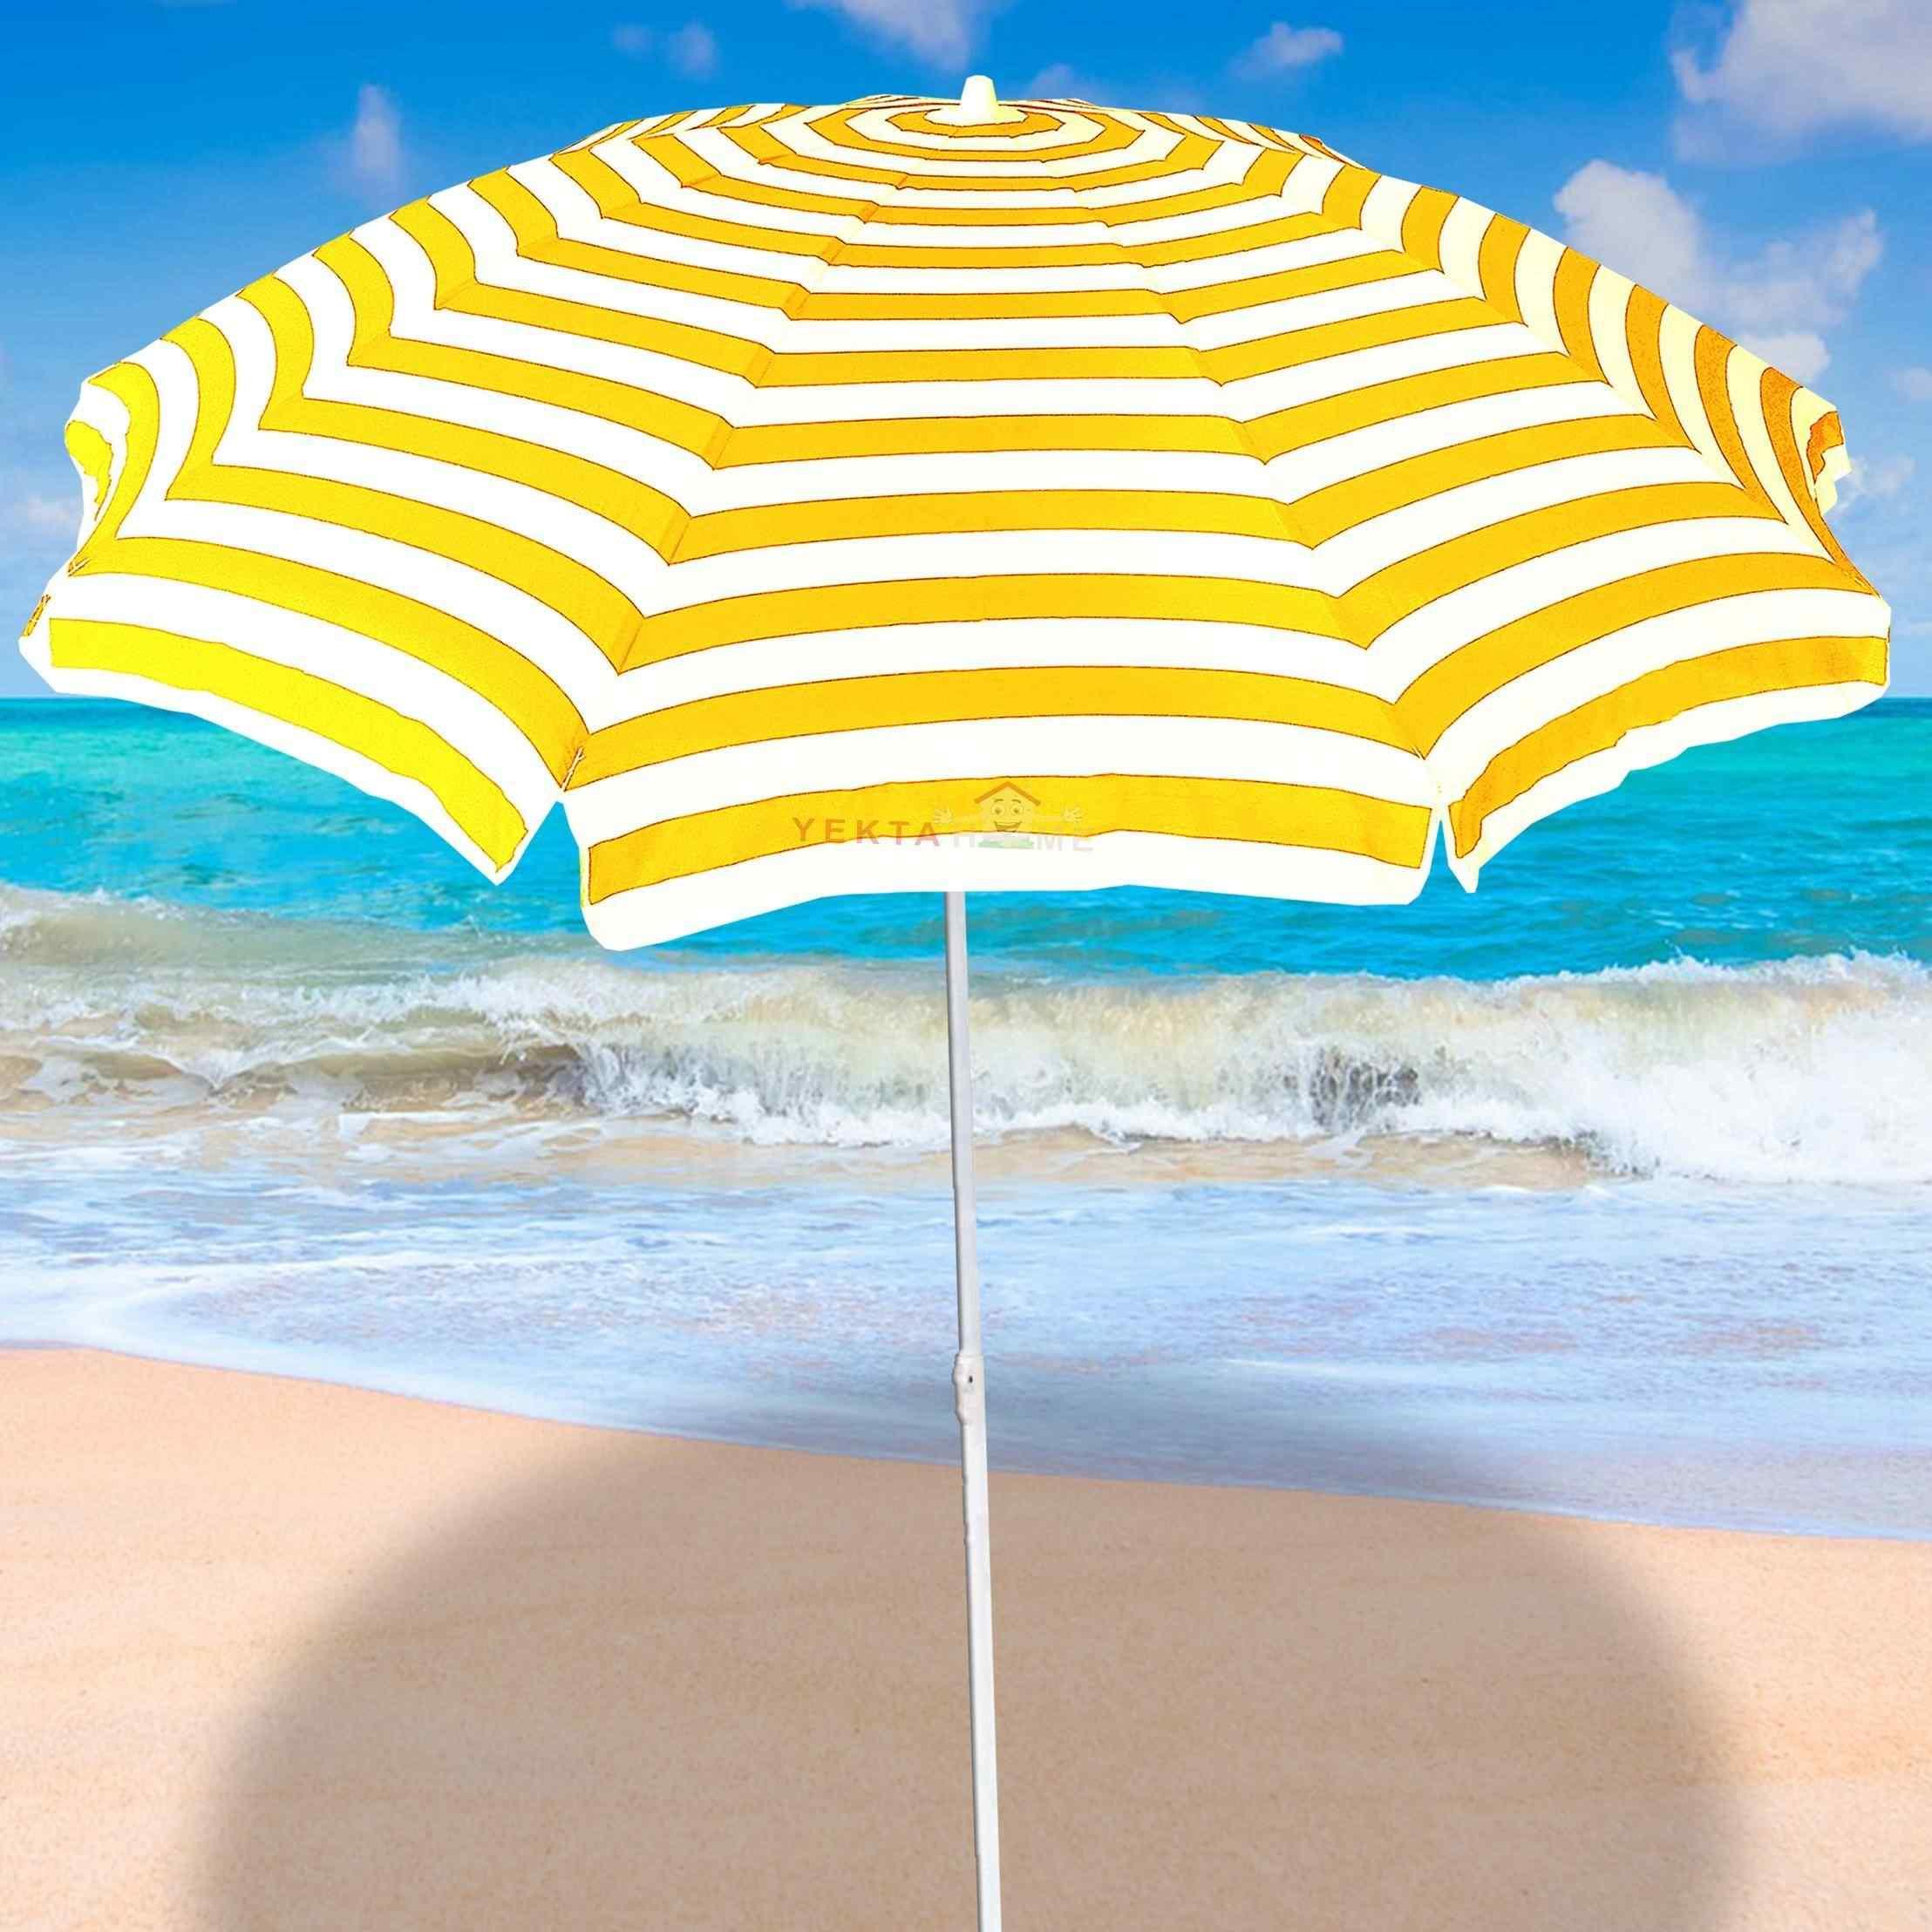 Plaj Şemsiyesi Havuz Şemsiye Bahçe Şemsiyeleri 200 cm Sarı